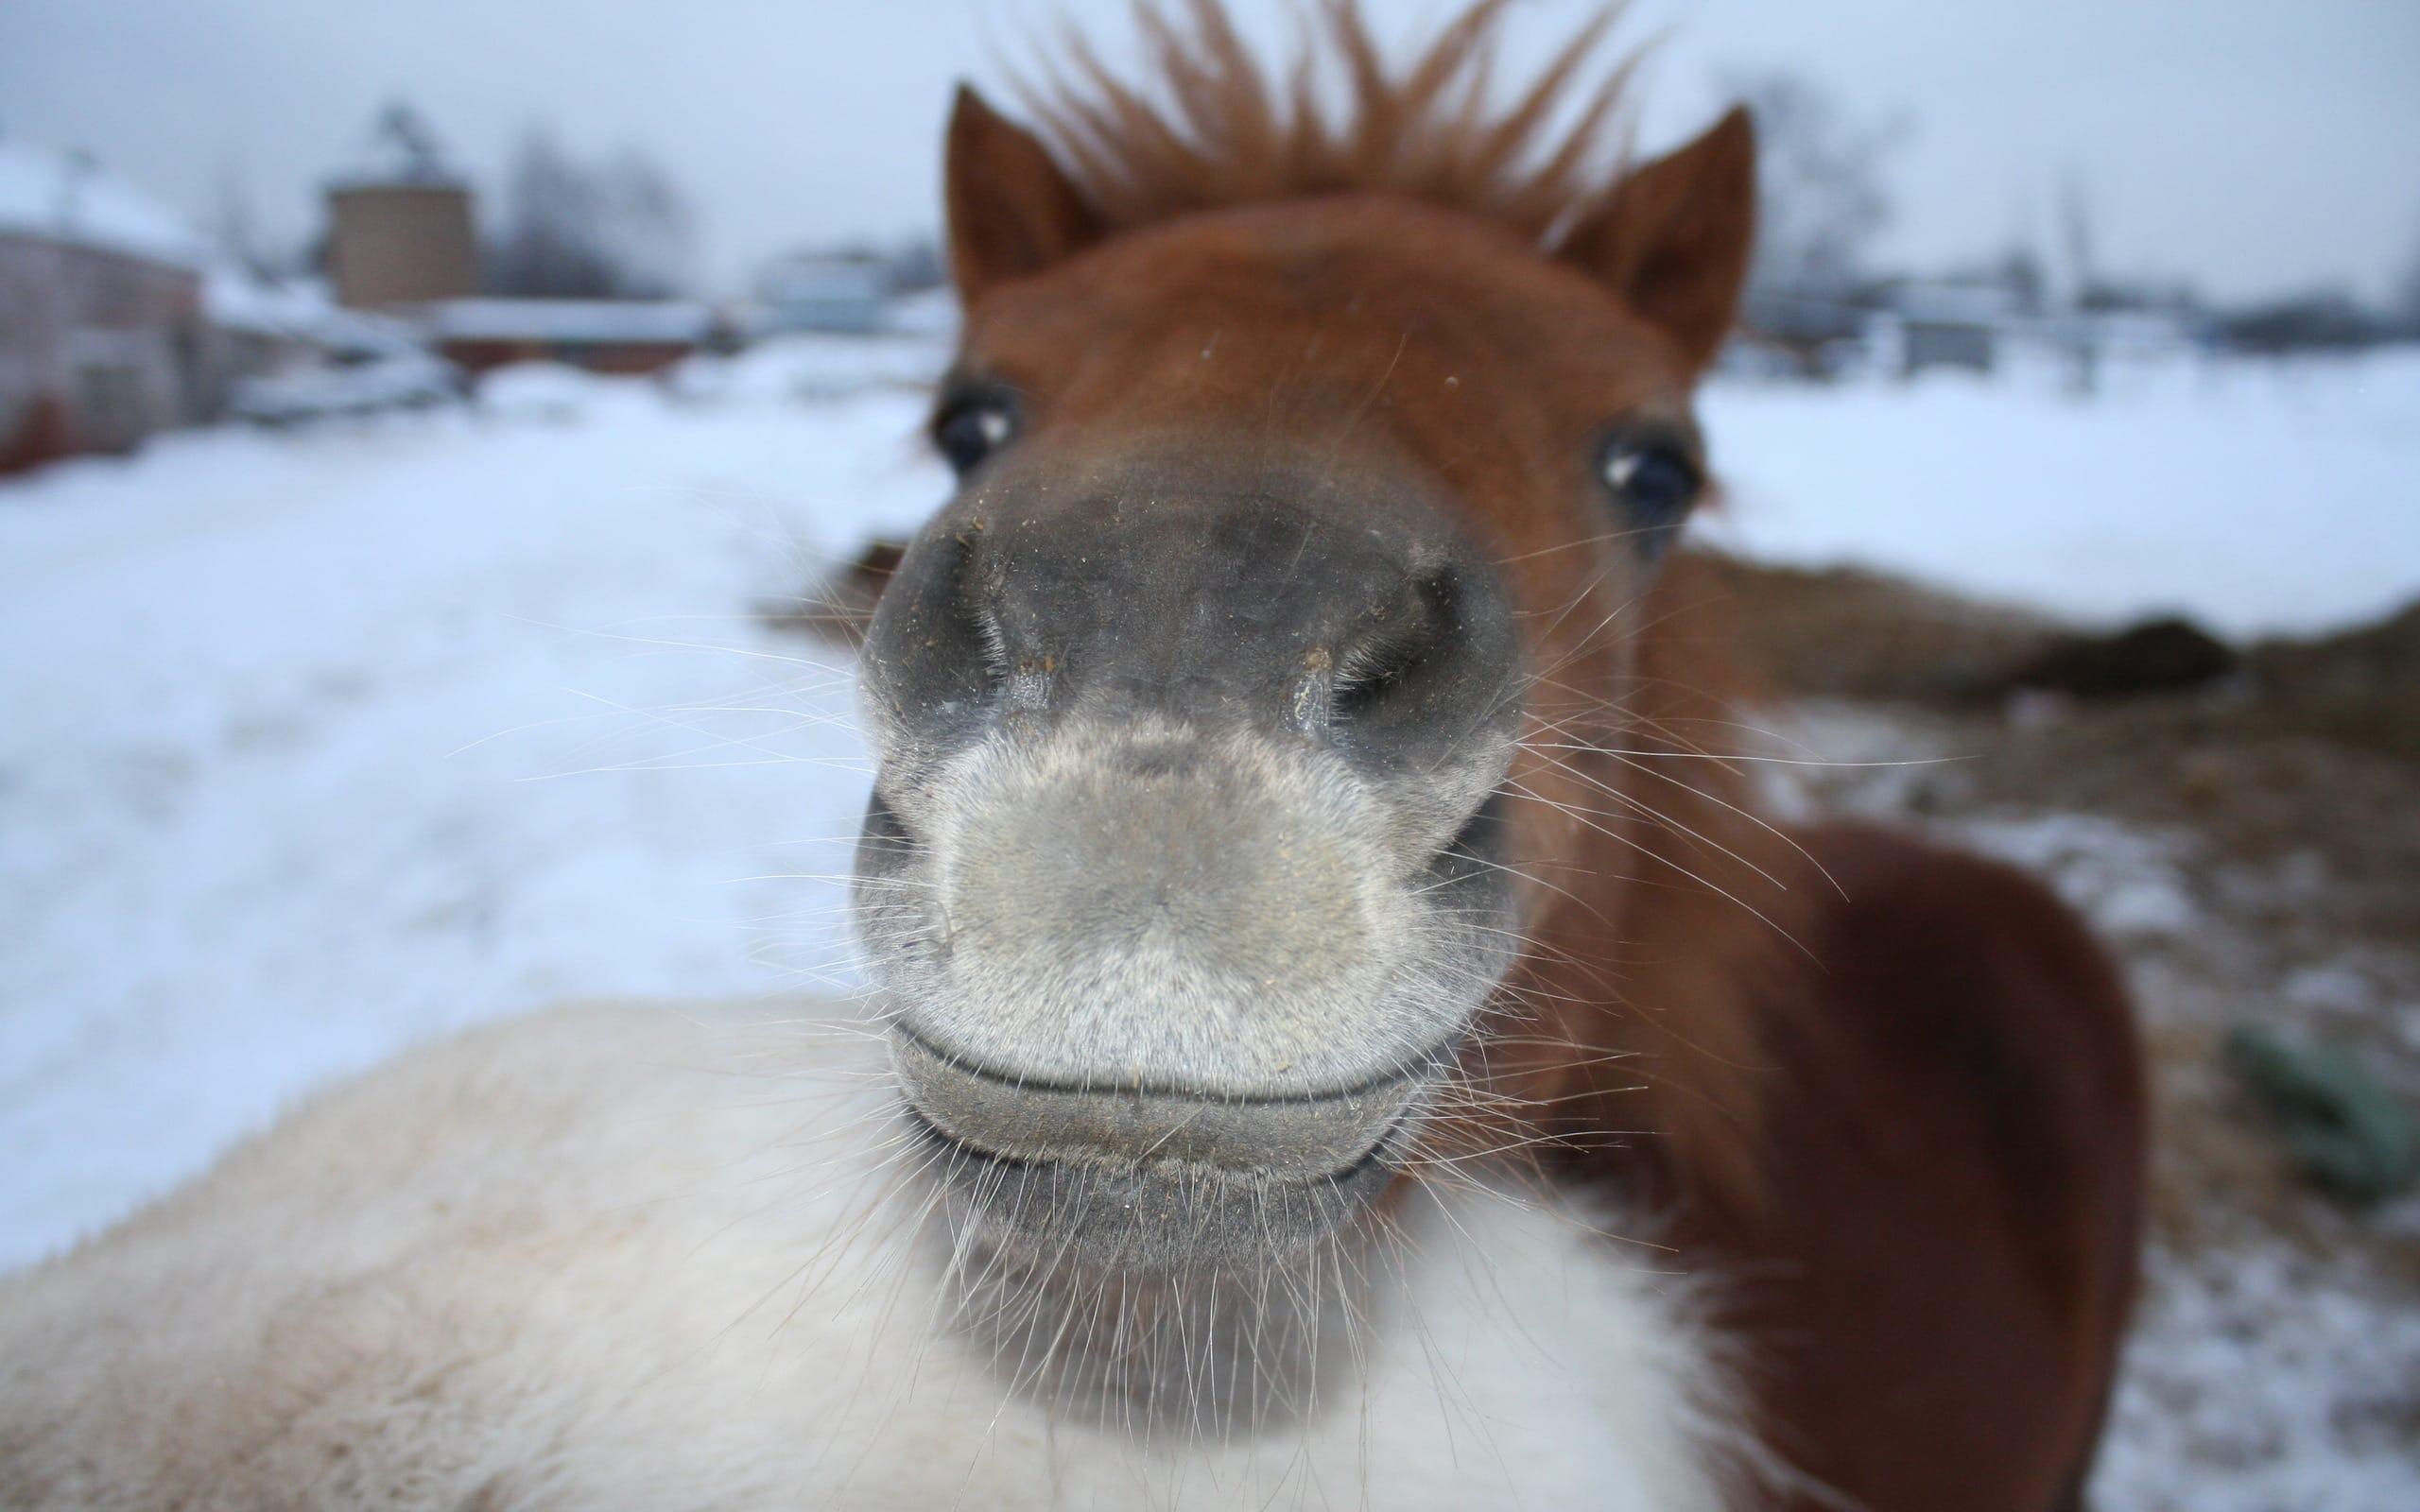 Фырканье указало на положительные эмоции у лошадей